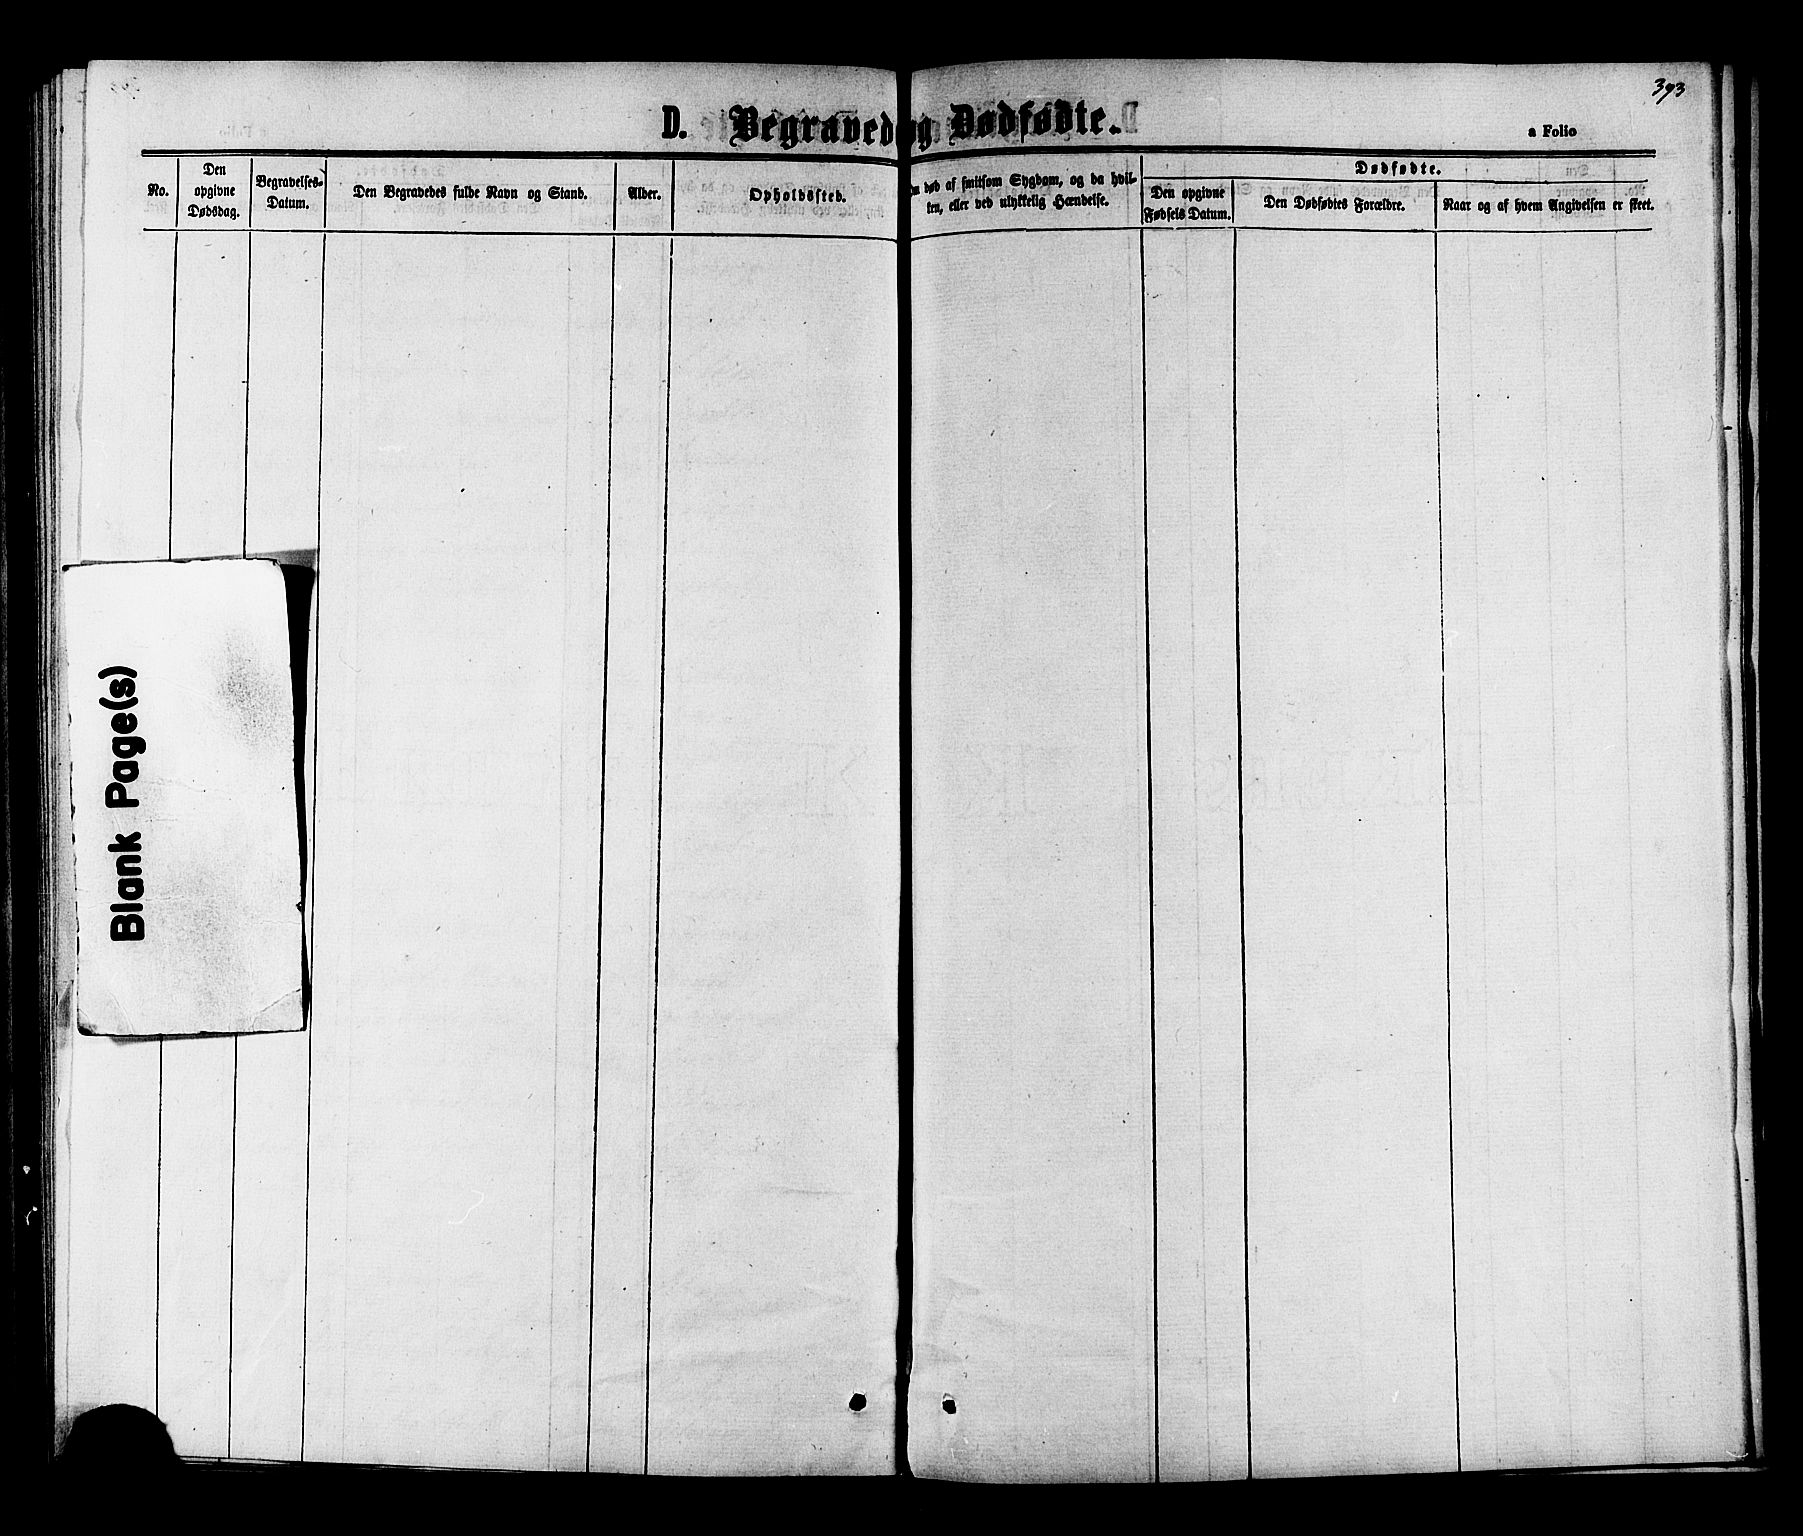 SAT, Ministerialprotokoller, klokkerbøker og fødselsregistre - Nord-Trøndelag, 703/L0038: Klokkerbok nr. 703C01, 1864-1870, s. 393